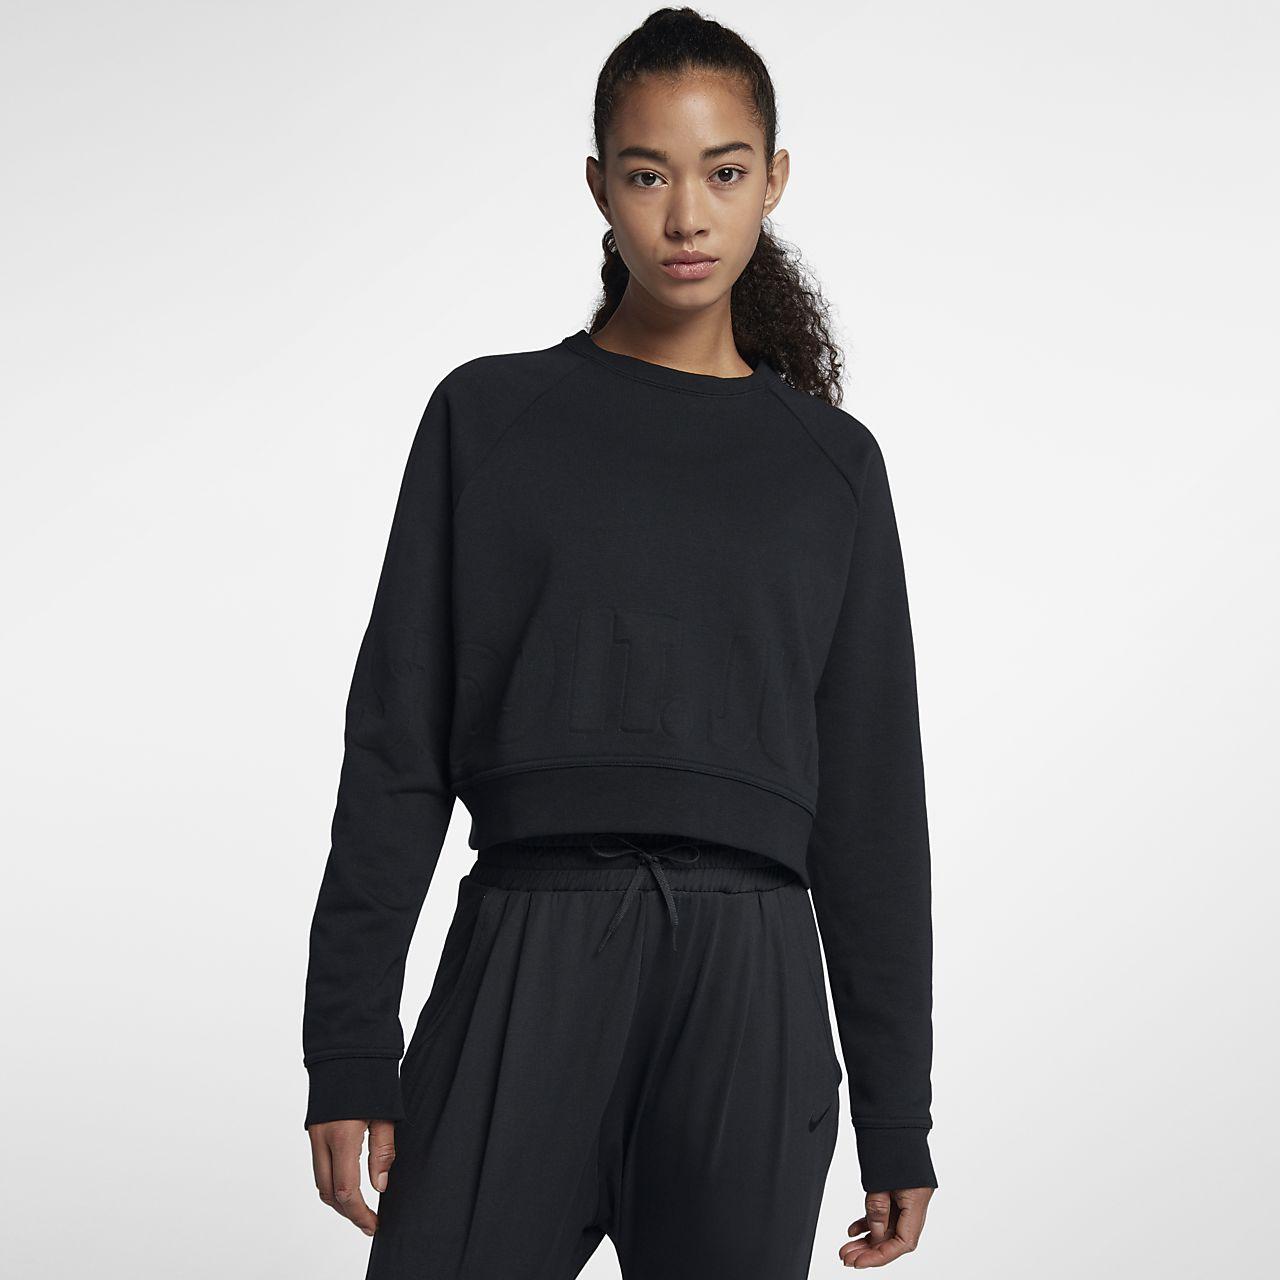 ... Nike Women's Long-Sleeve Training Top